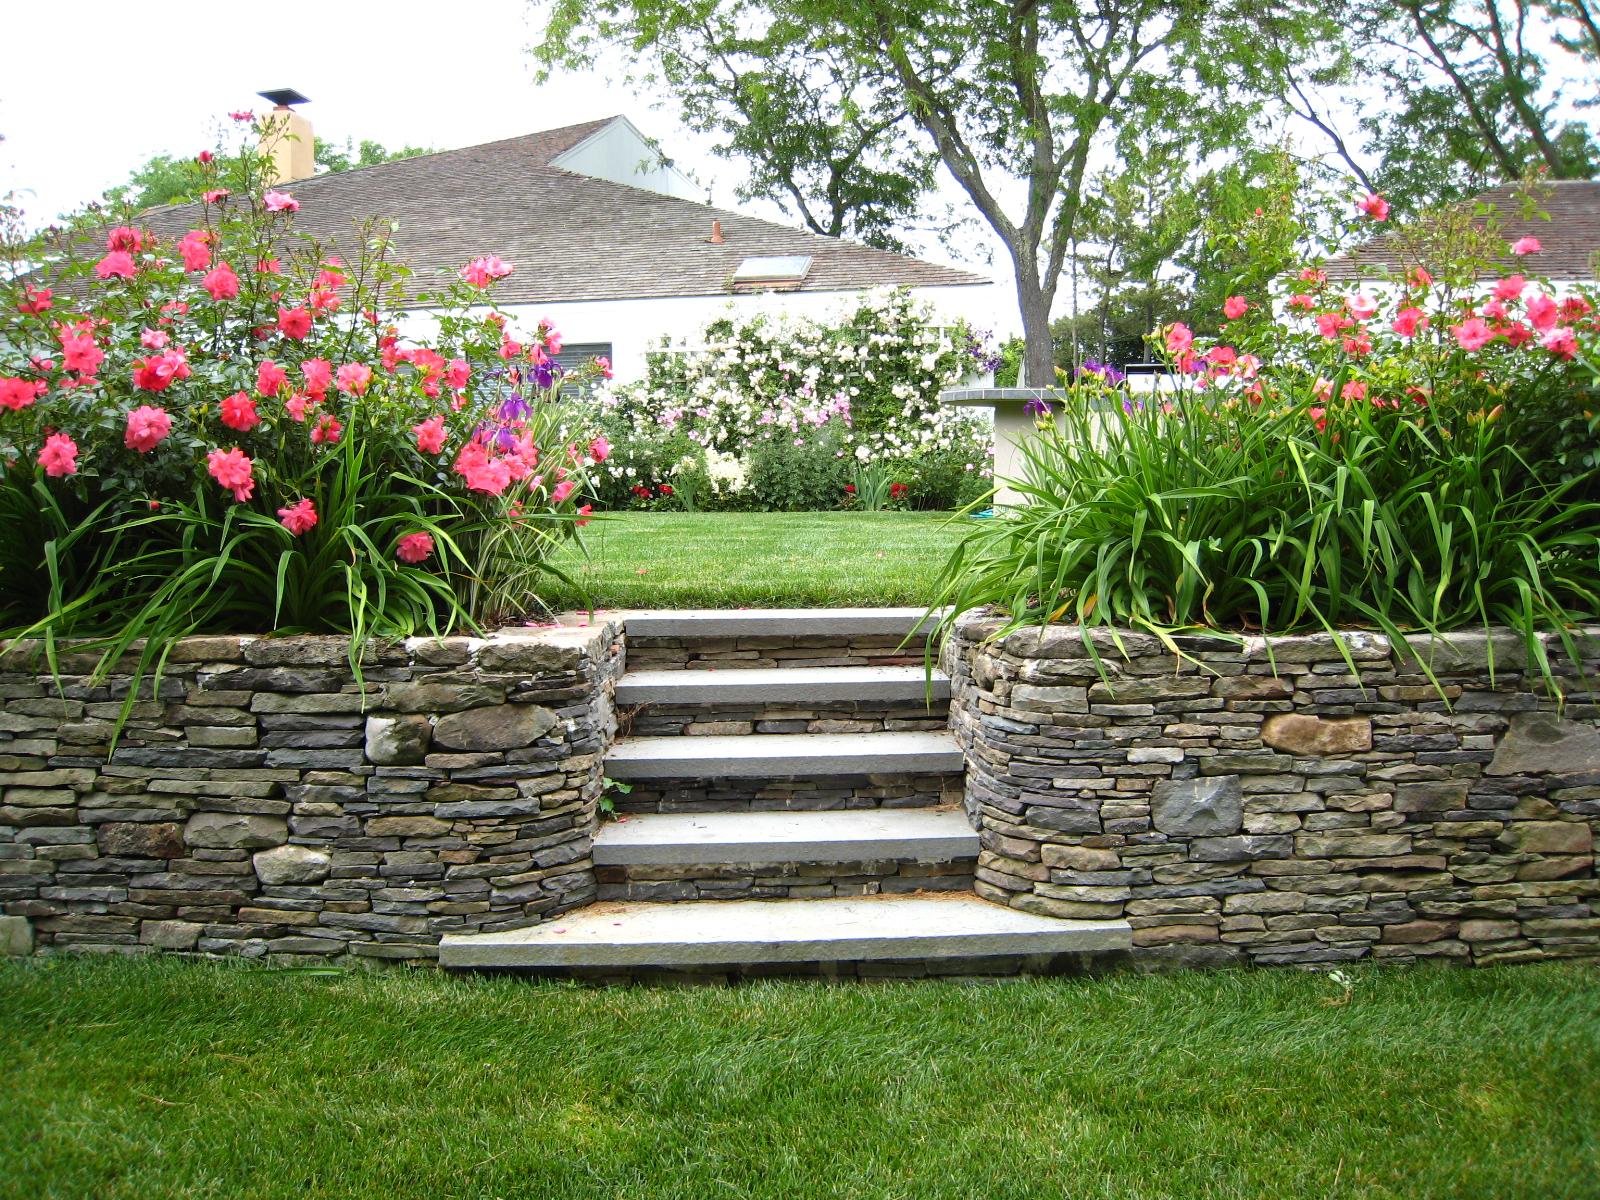 Home garden landscaping - Backyard Idea Landscaping Garden Design